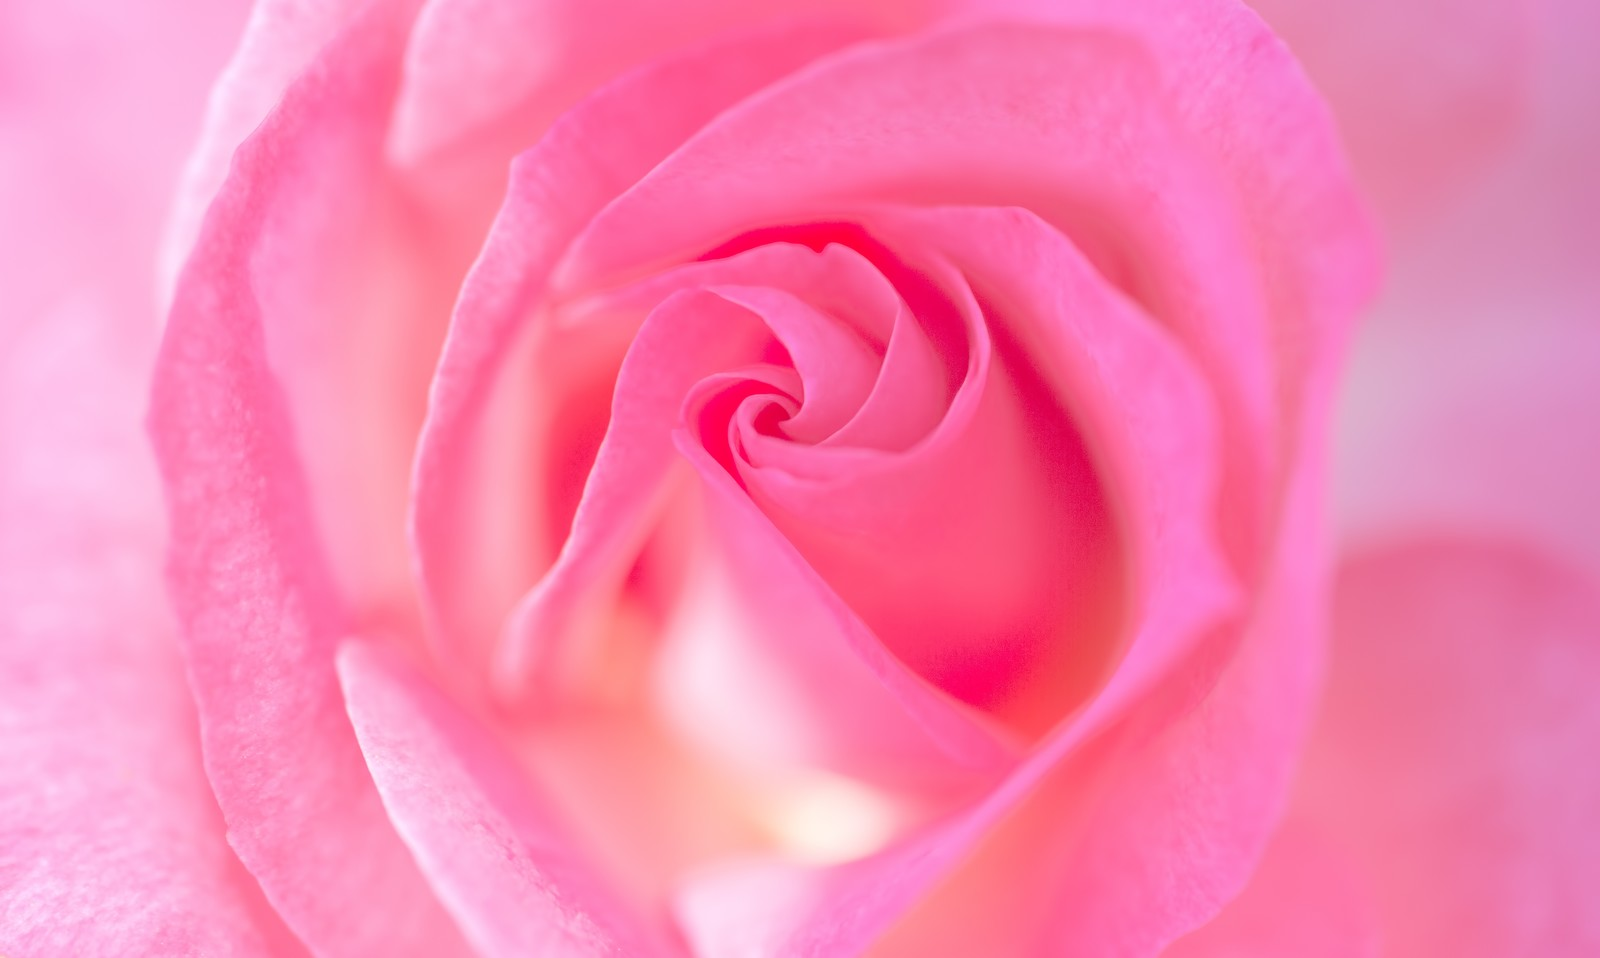 「バラの渦巻く部分」の写真